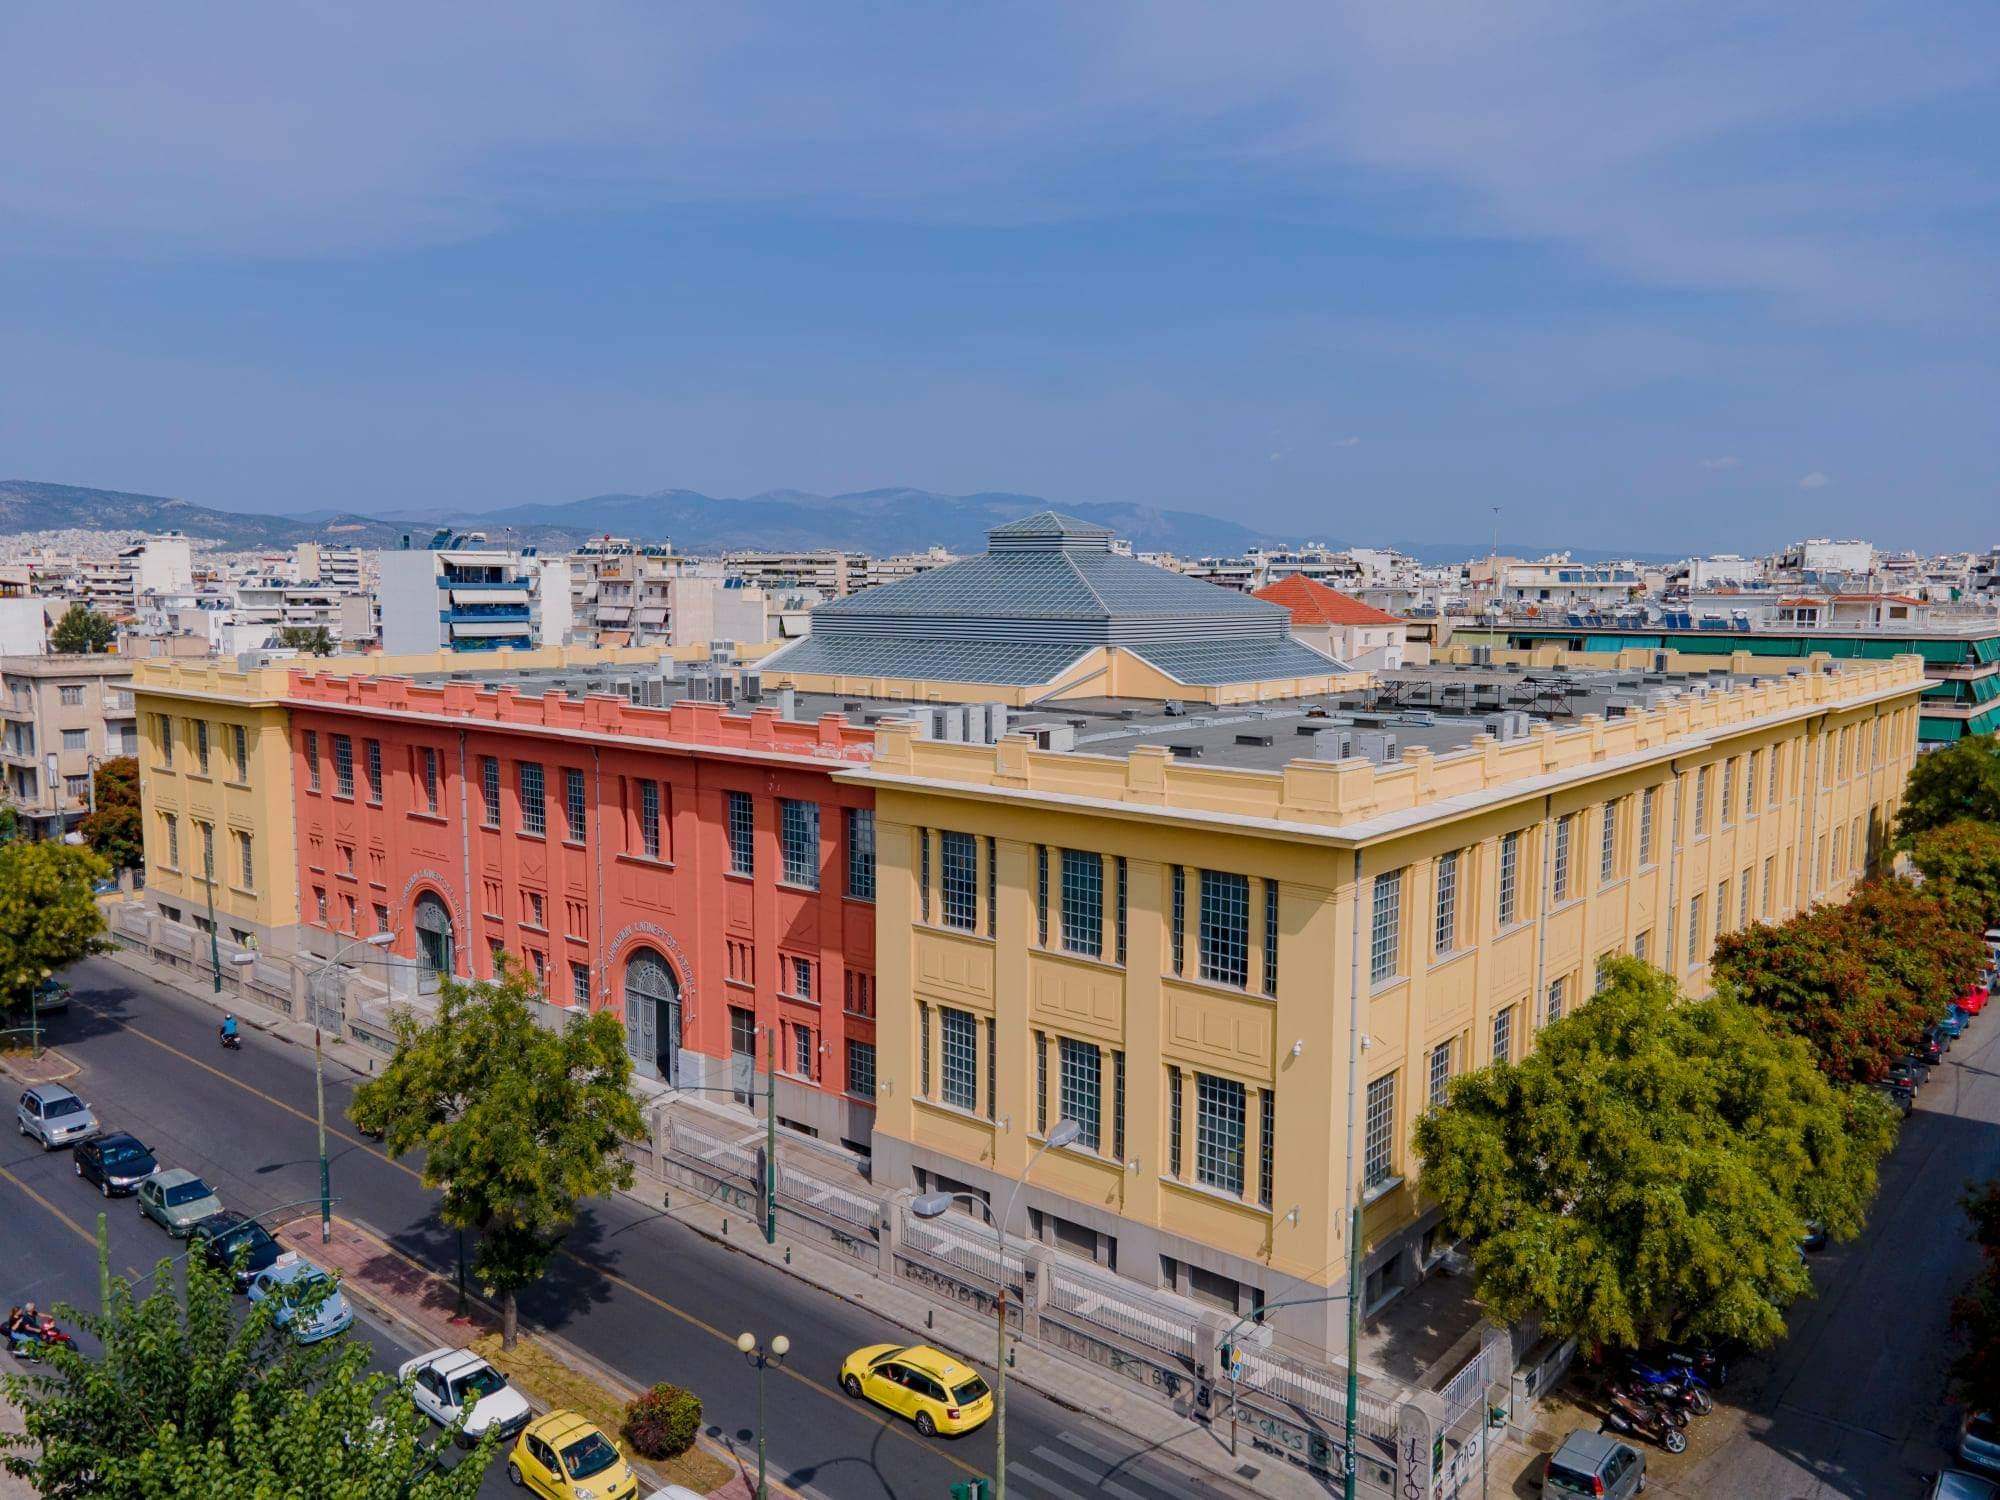 Το πρώην Δημόσιο Καπνεργοστάσιο αναβαθμίστηκε σε χώρο πολιτισμού